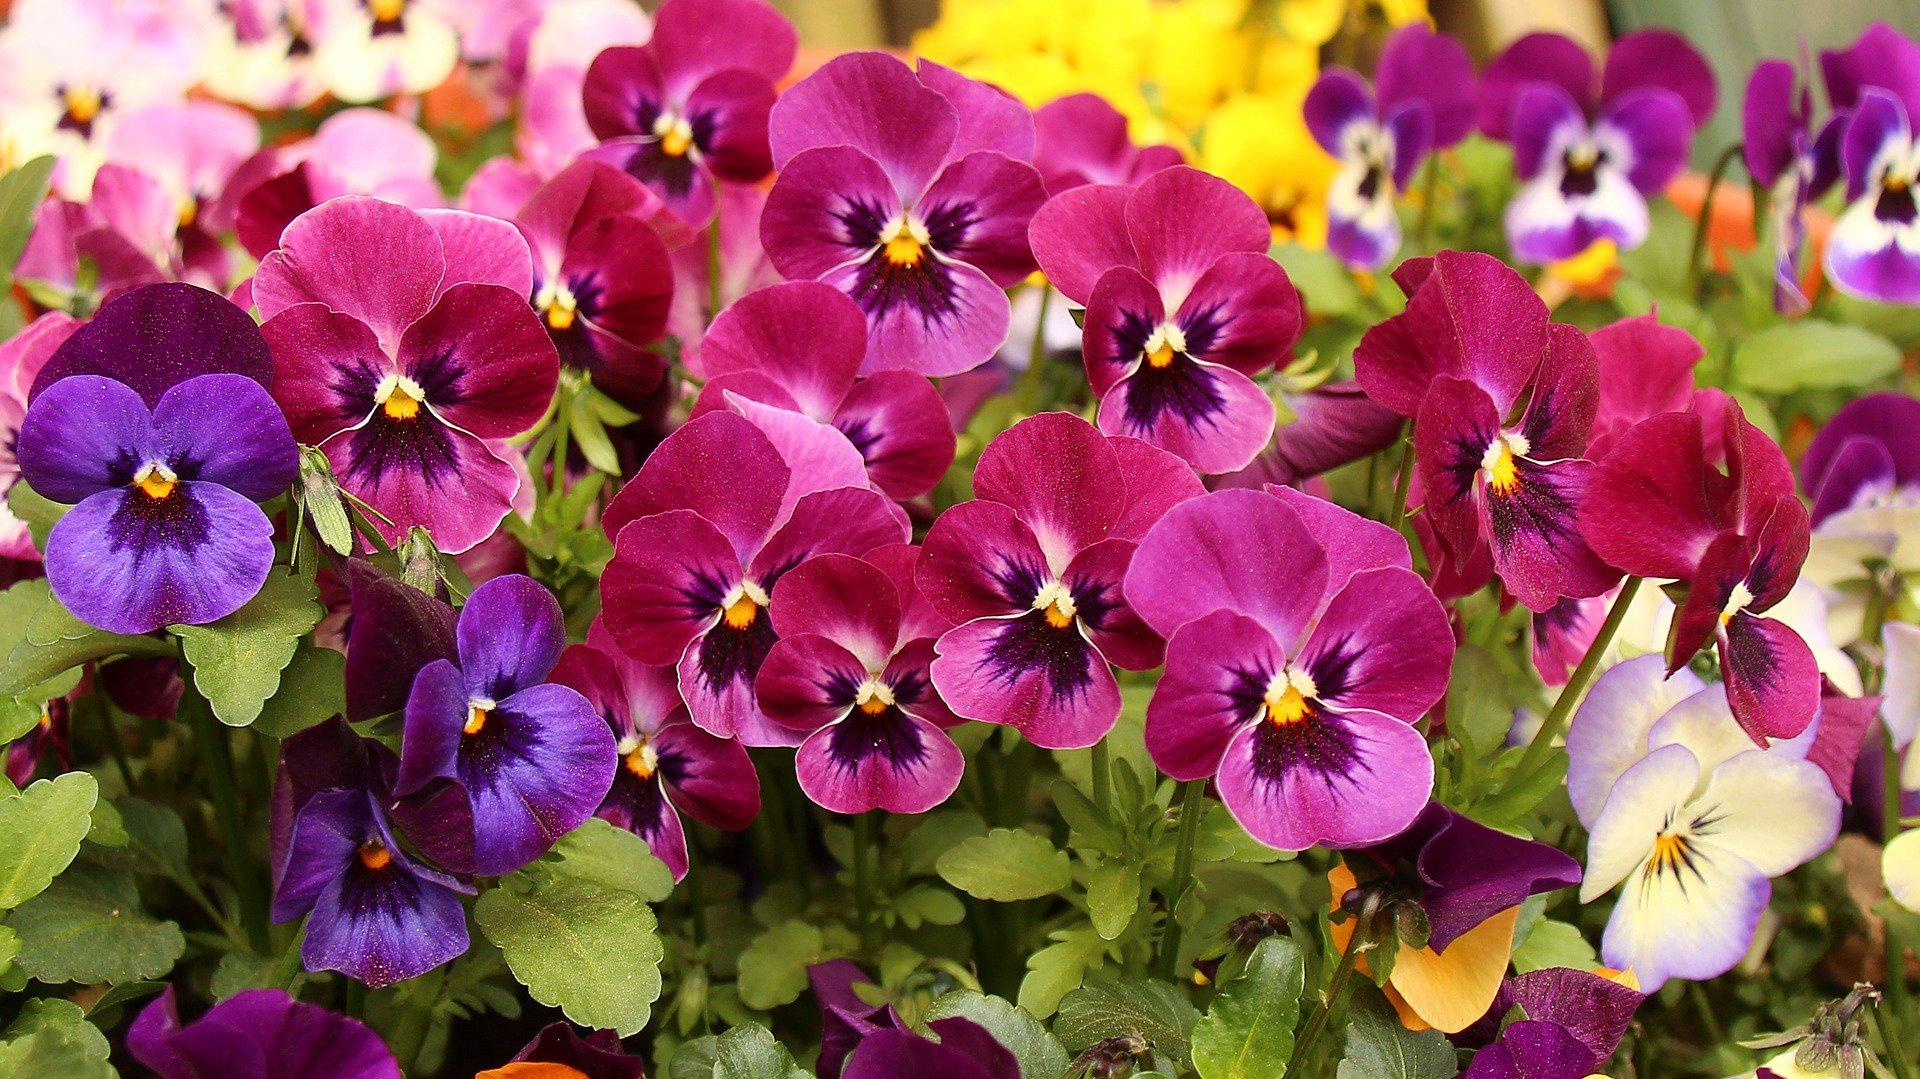 flores para jardim de inverno:Solid Color Pansies